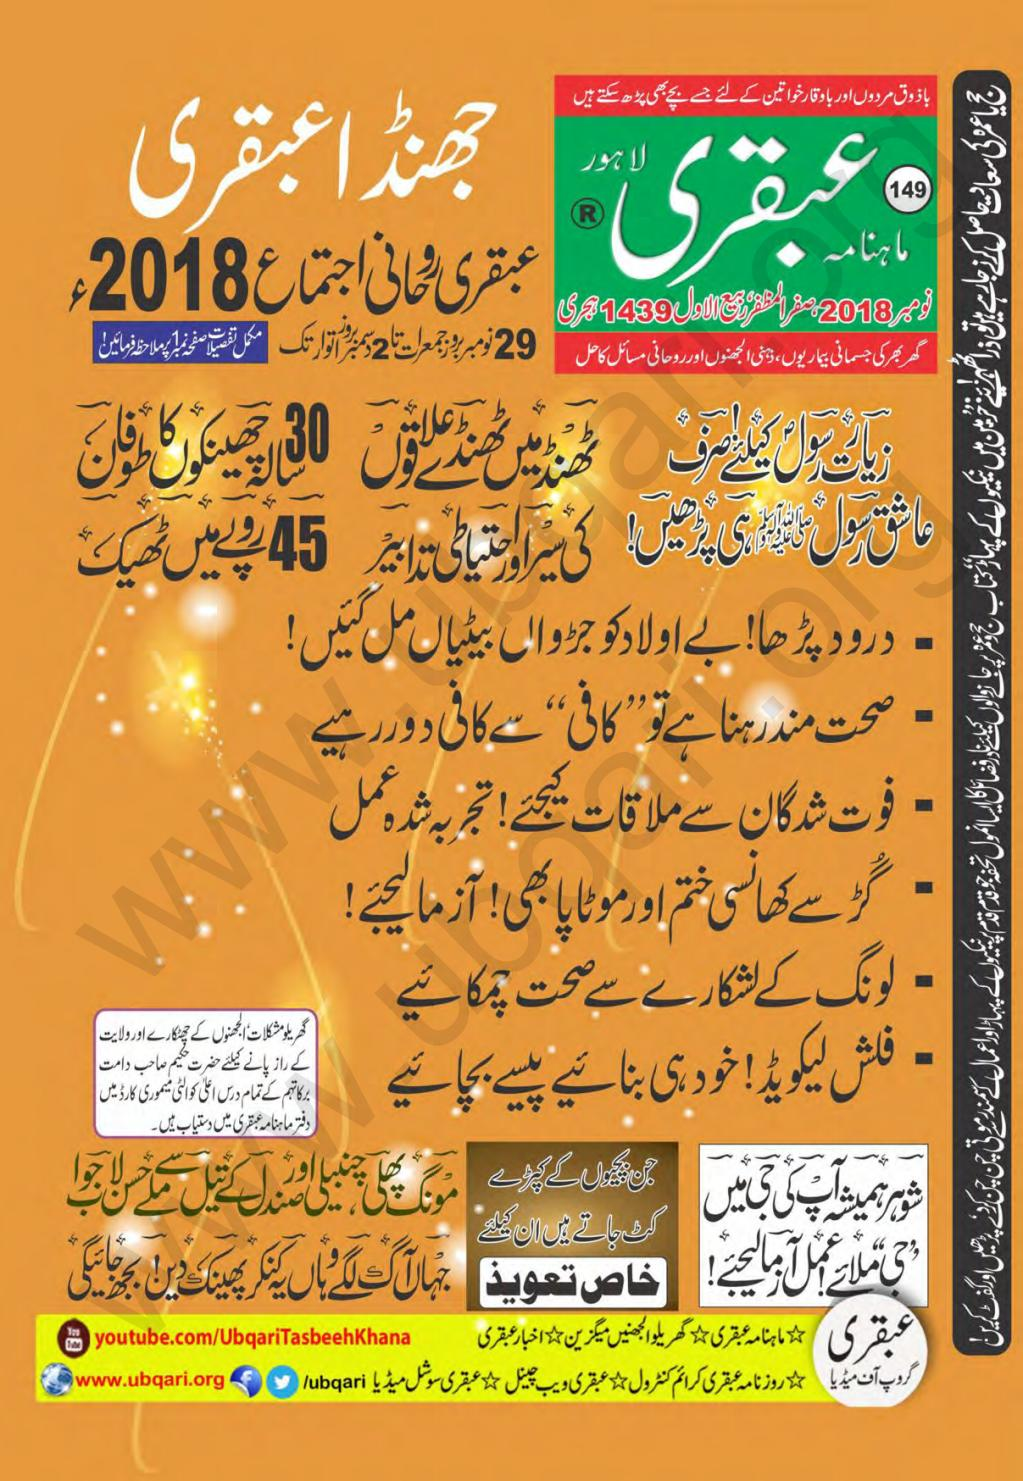 Felsebiyat Dergisi – Popular Ubqari Magazine 2018